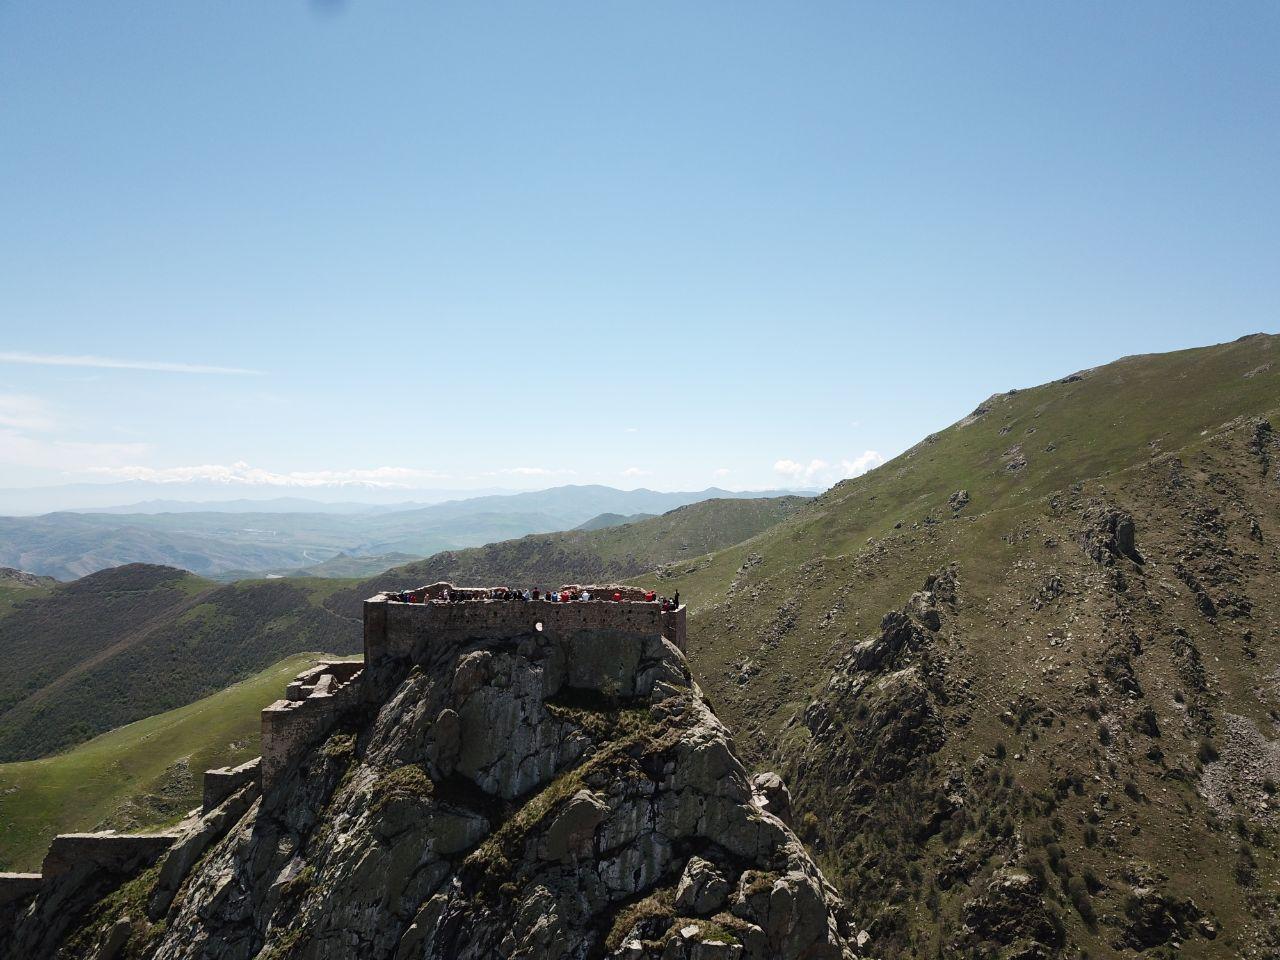 تصویر از برنامه ۲۷ و ۲۸ اردیبهشت ۱۳۹۷ – ارسباران و قلعه بابک